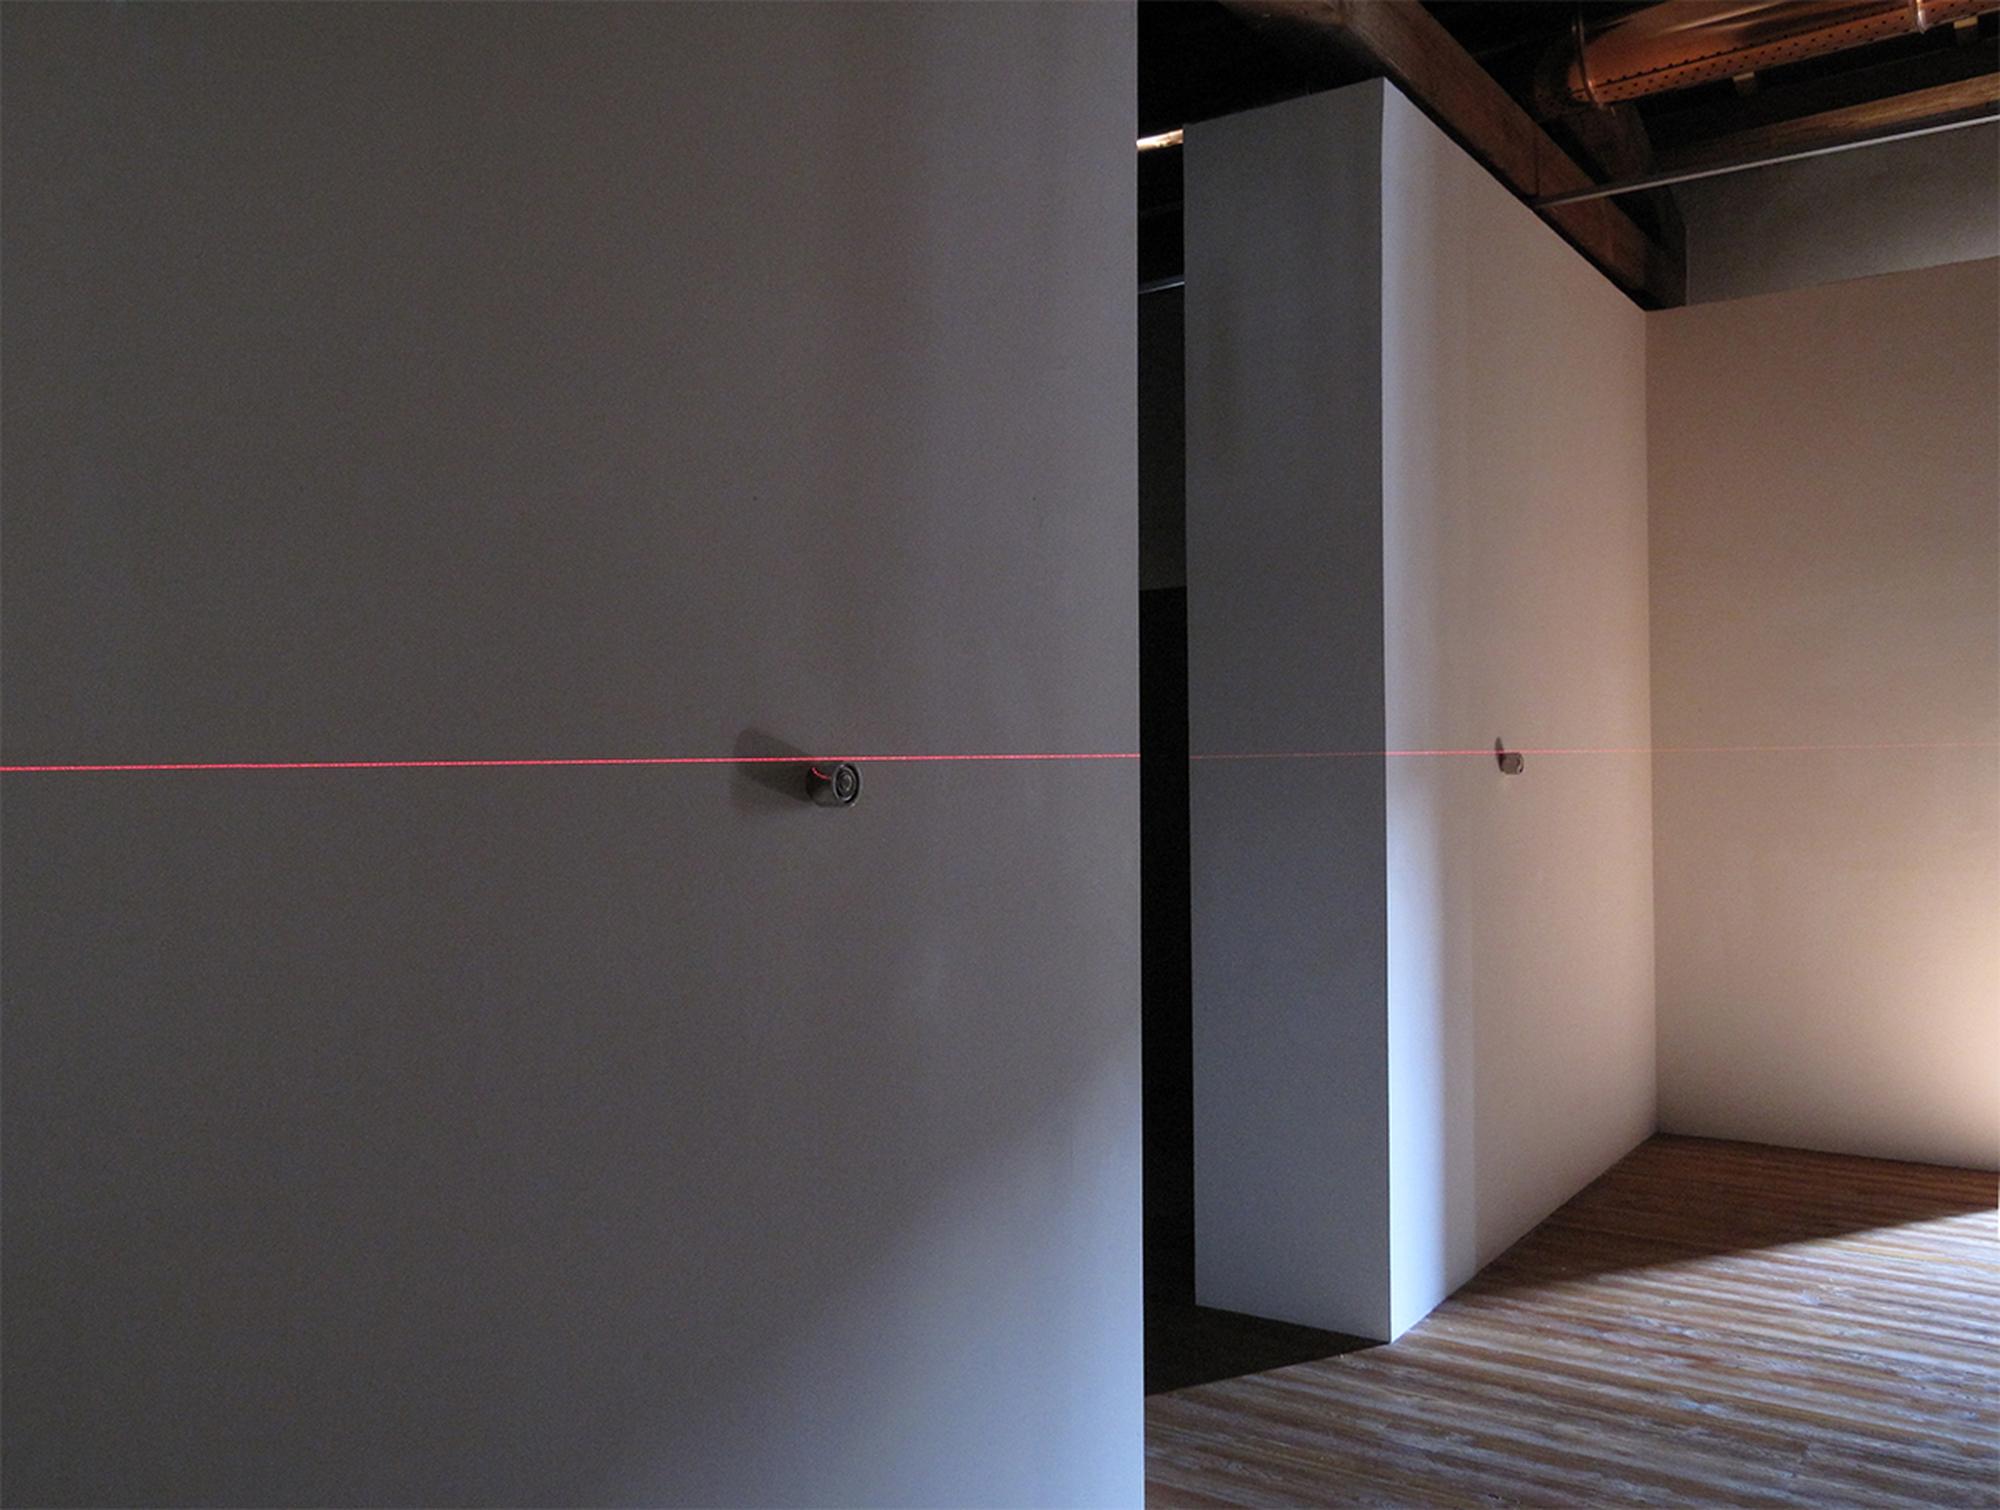 Caraglio line, Photo © Umberto Cavenago